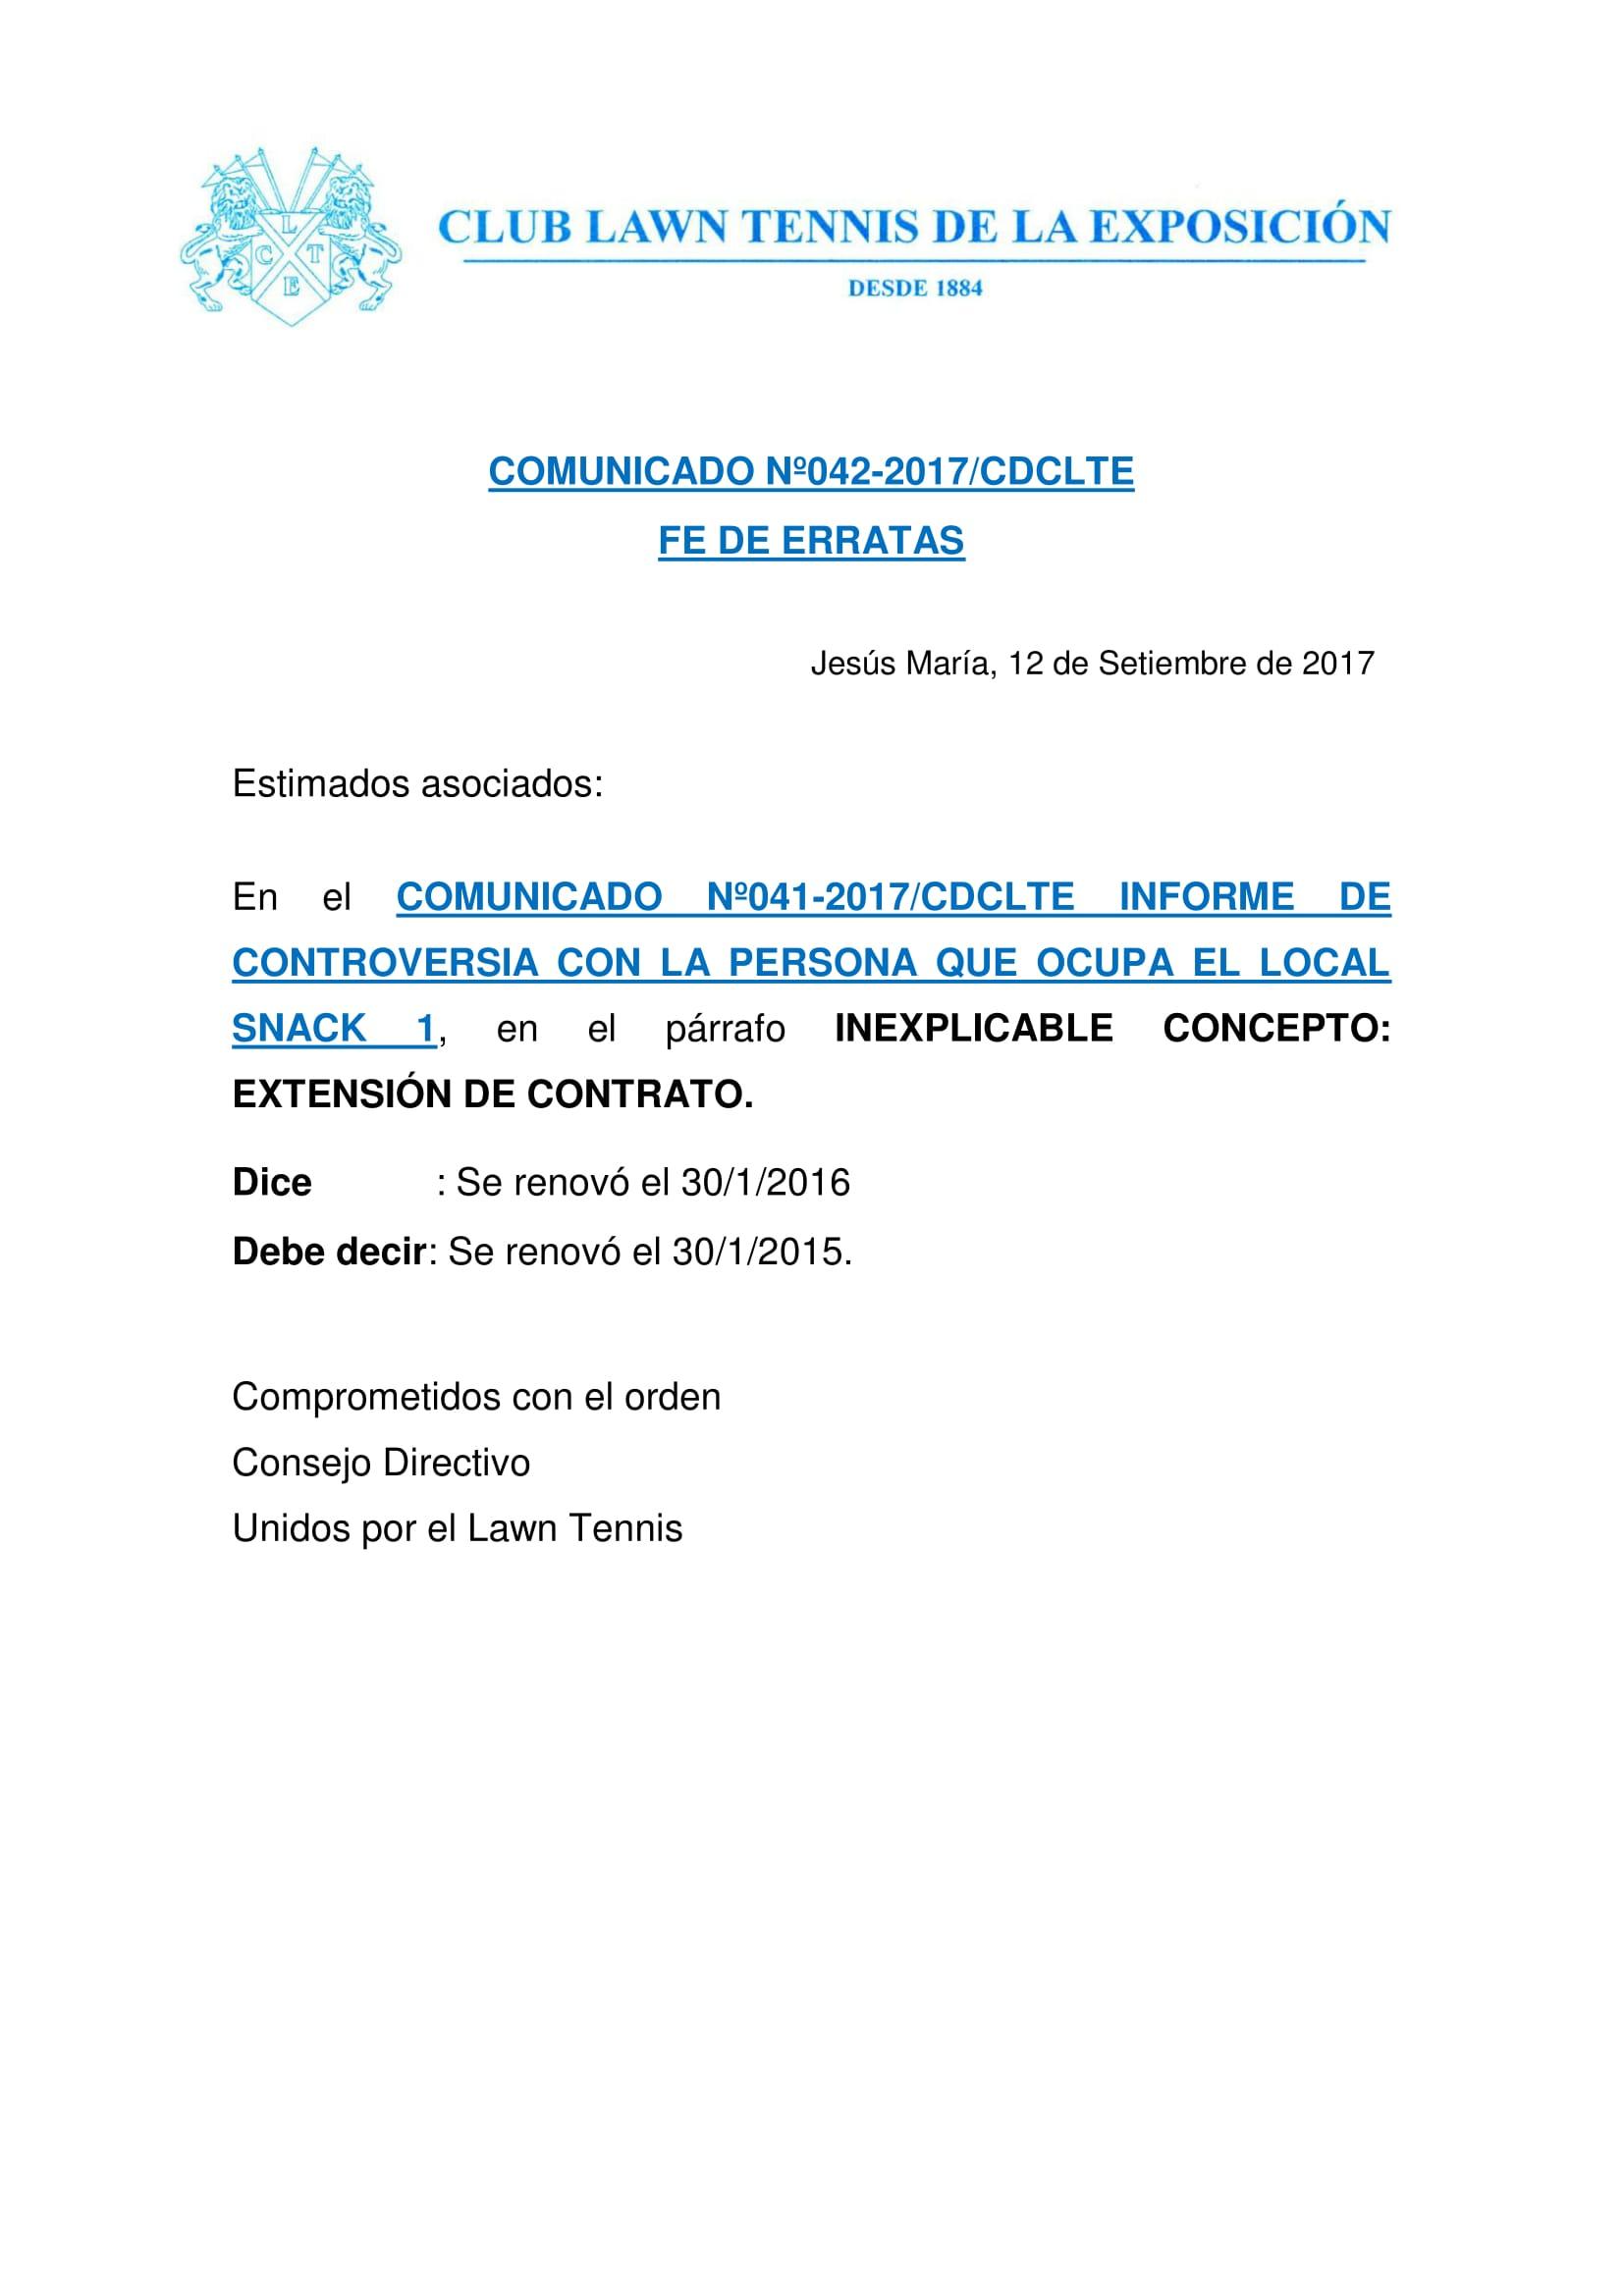 Comunicado 042 - FE DE ERRATAS